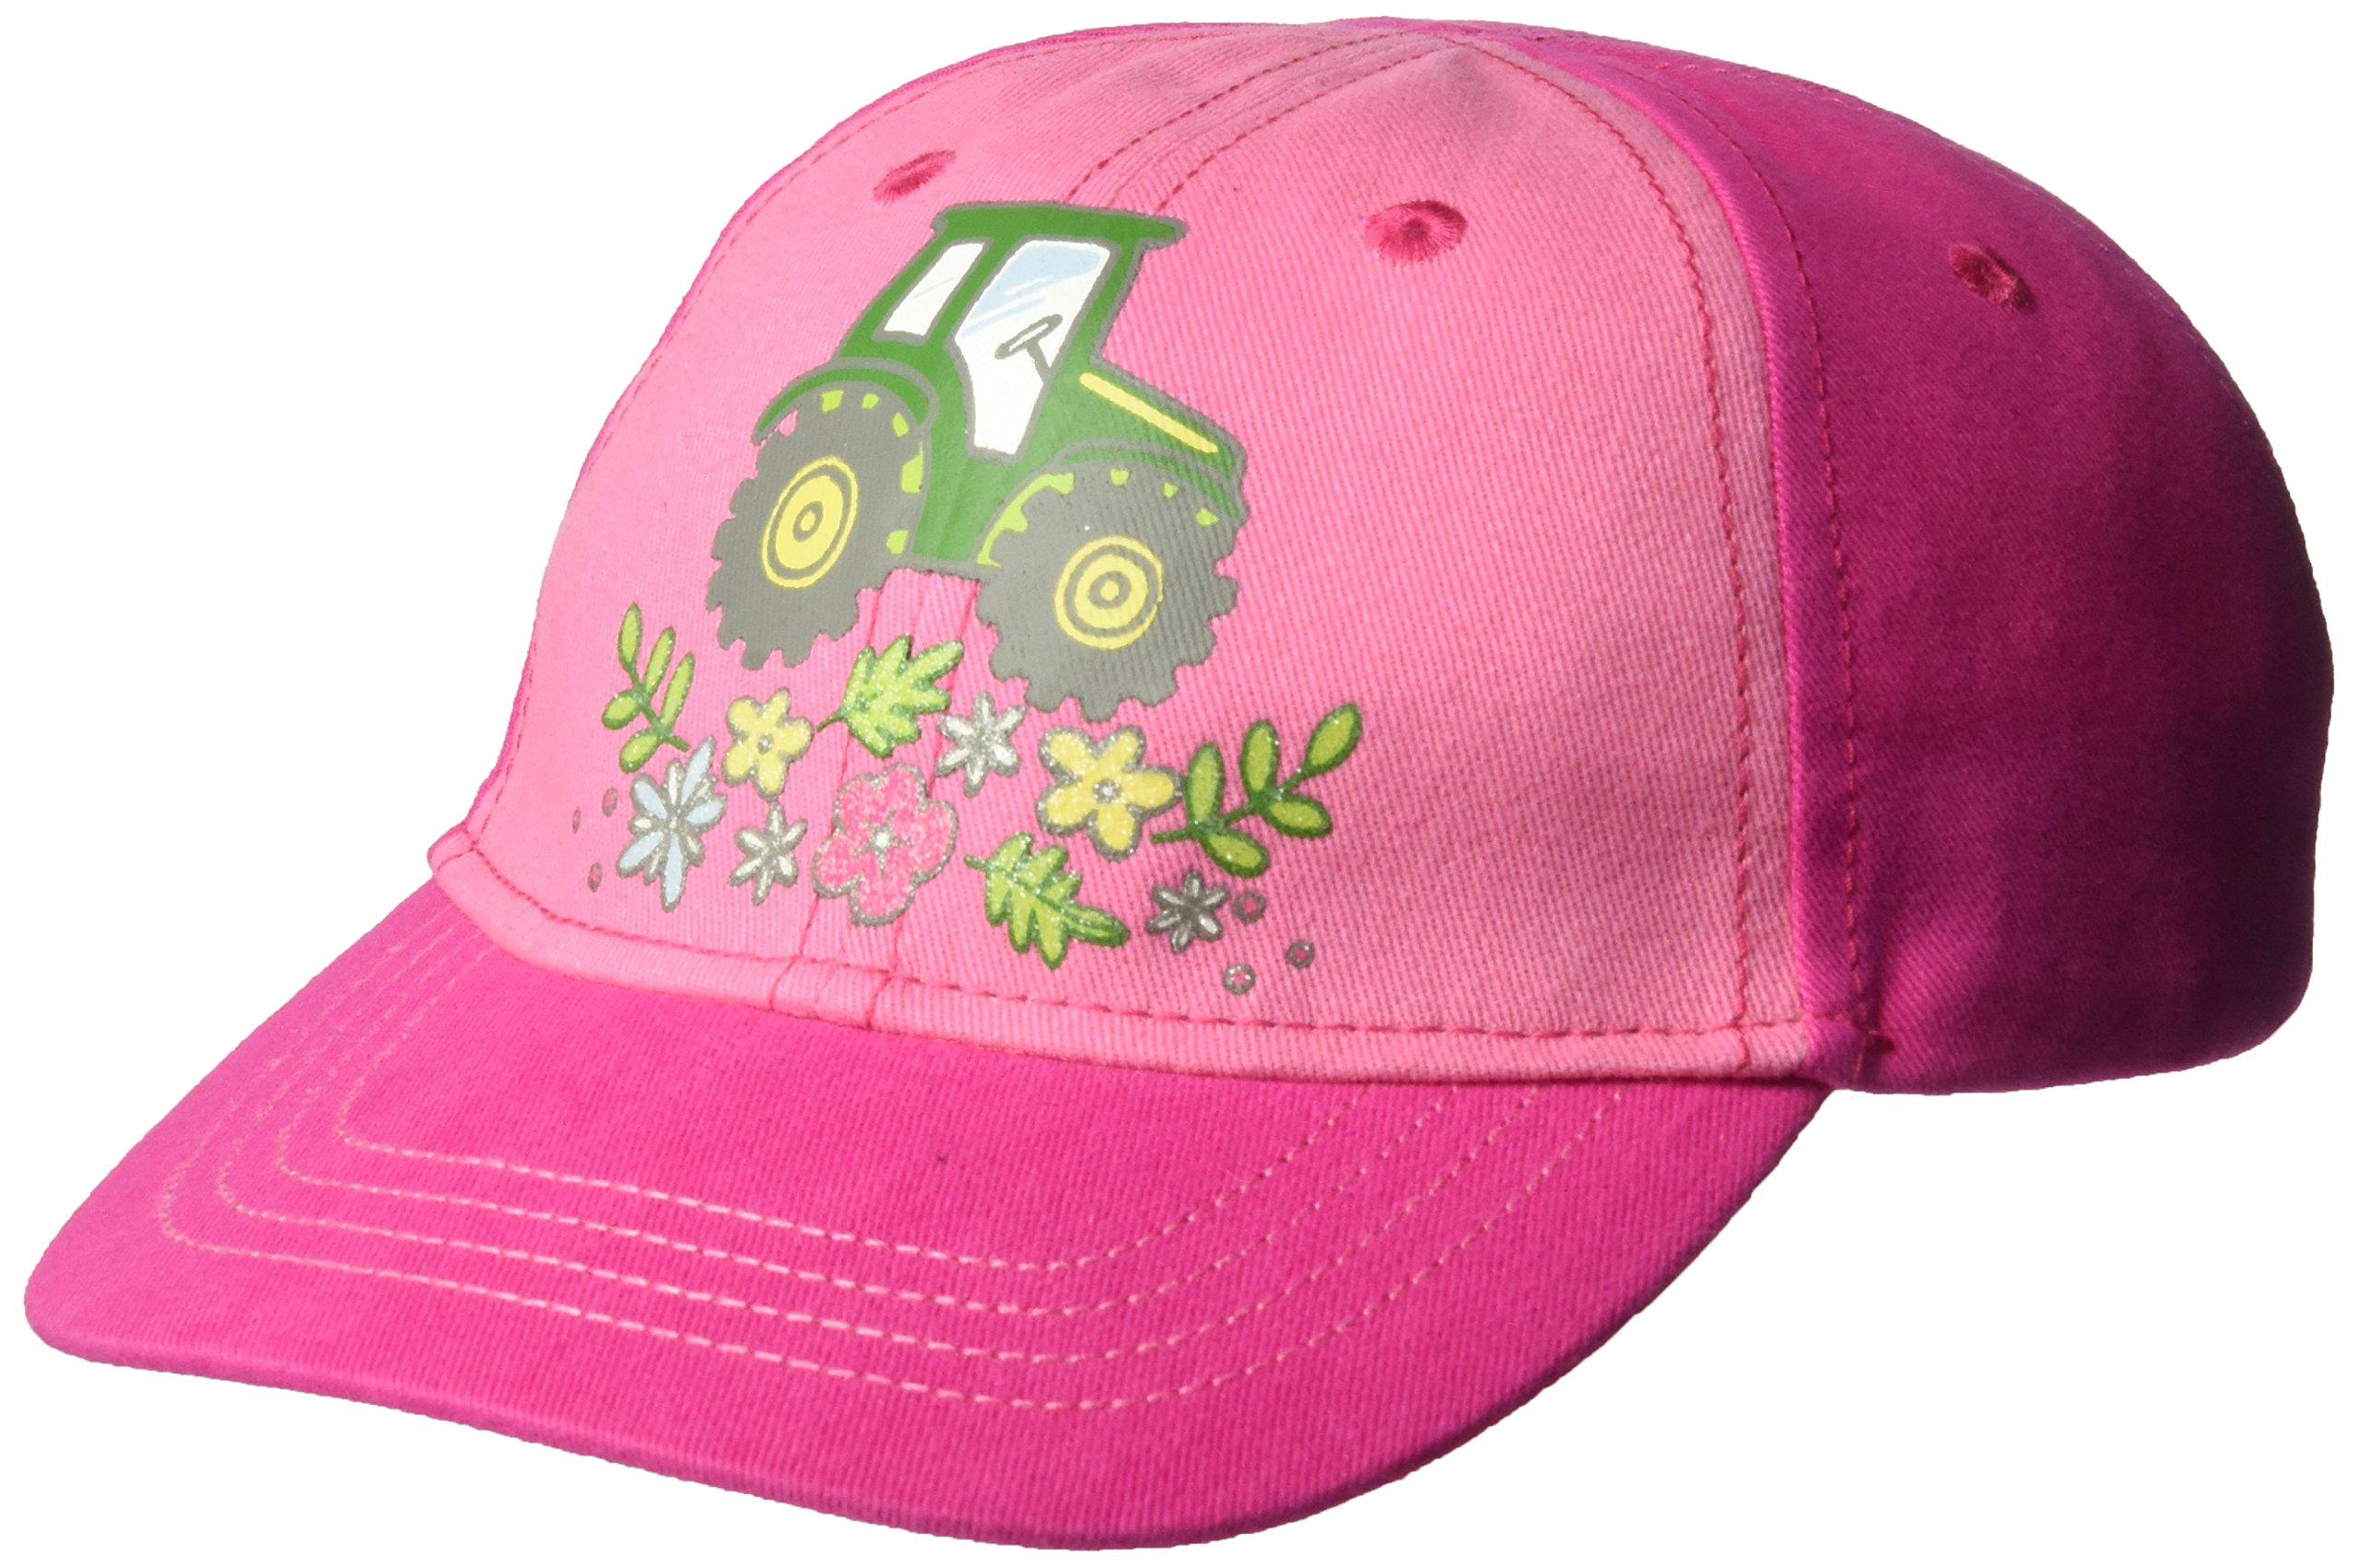 John Deere Girls' Baseball Cap, Pink, Toddler